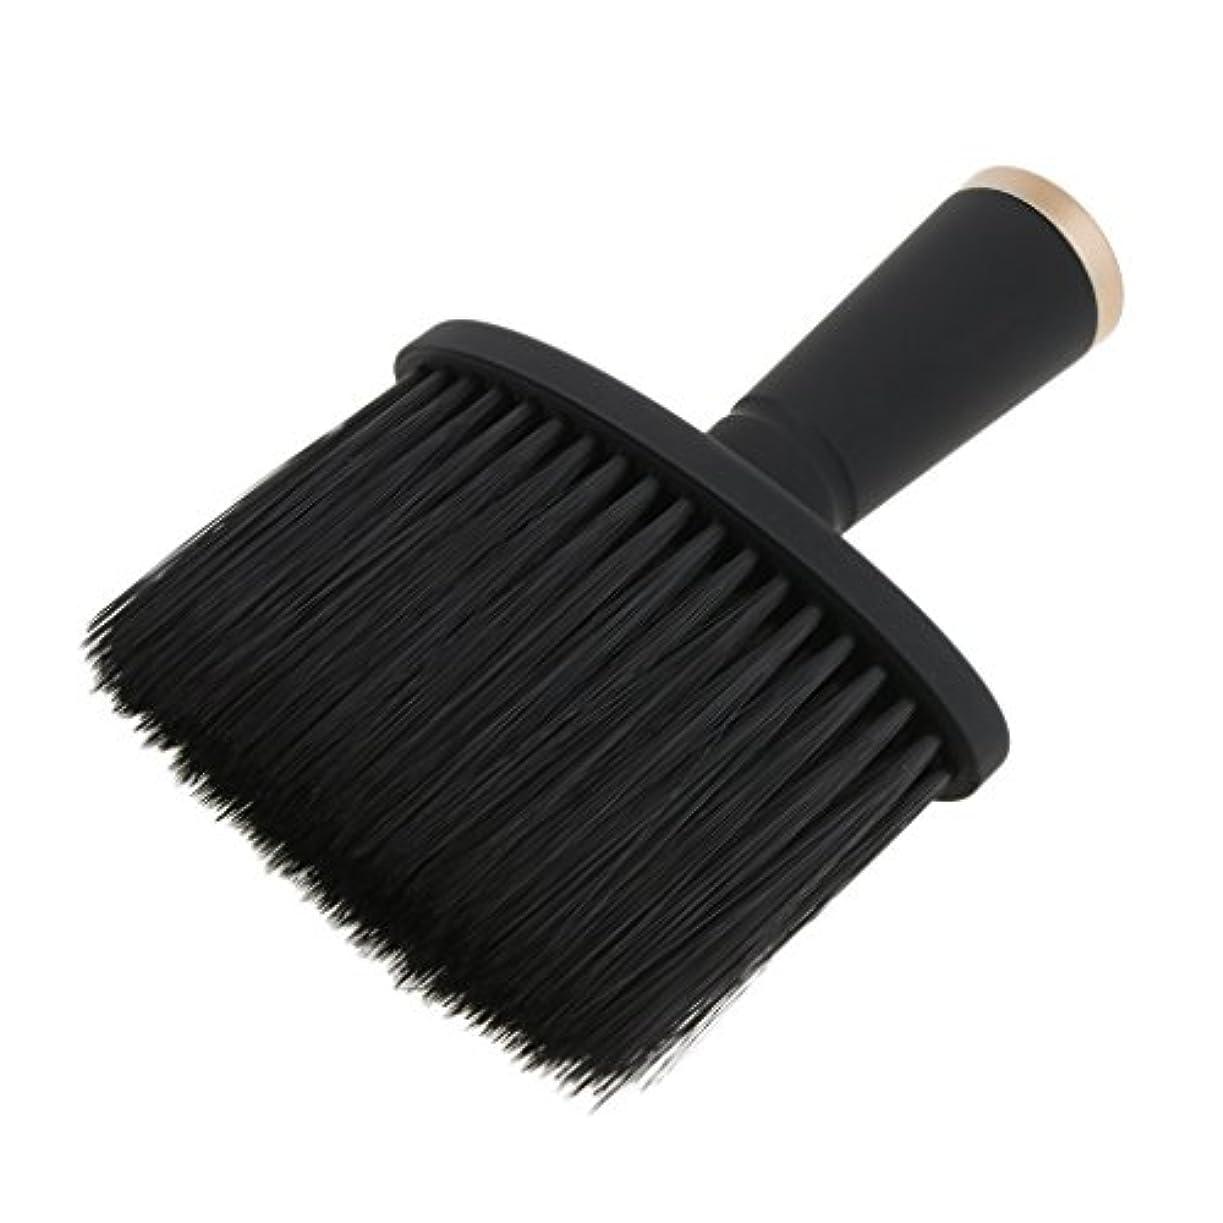 申請中同盟ピストンFenteer ネックダスターブラシ ヘアカット ヘアブラシ ヘアスタイリスト 理髪 高品質 合成繊維+プラスチック 全2色 - ゴールド